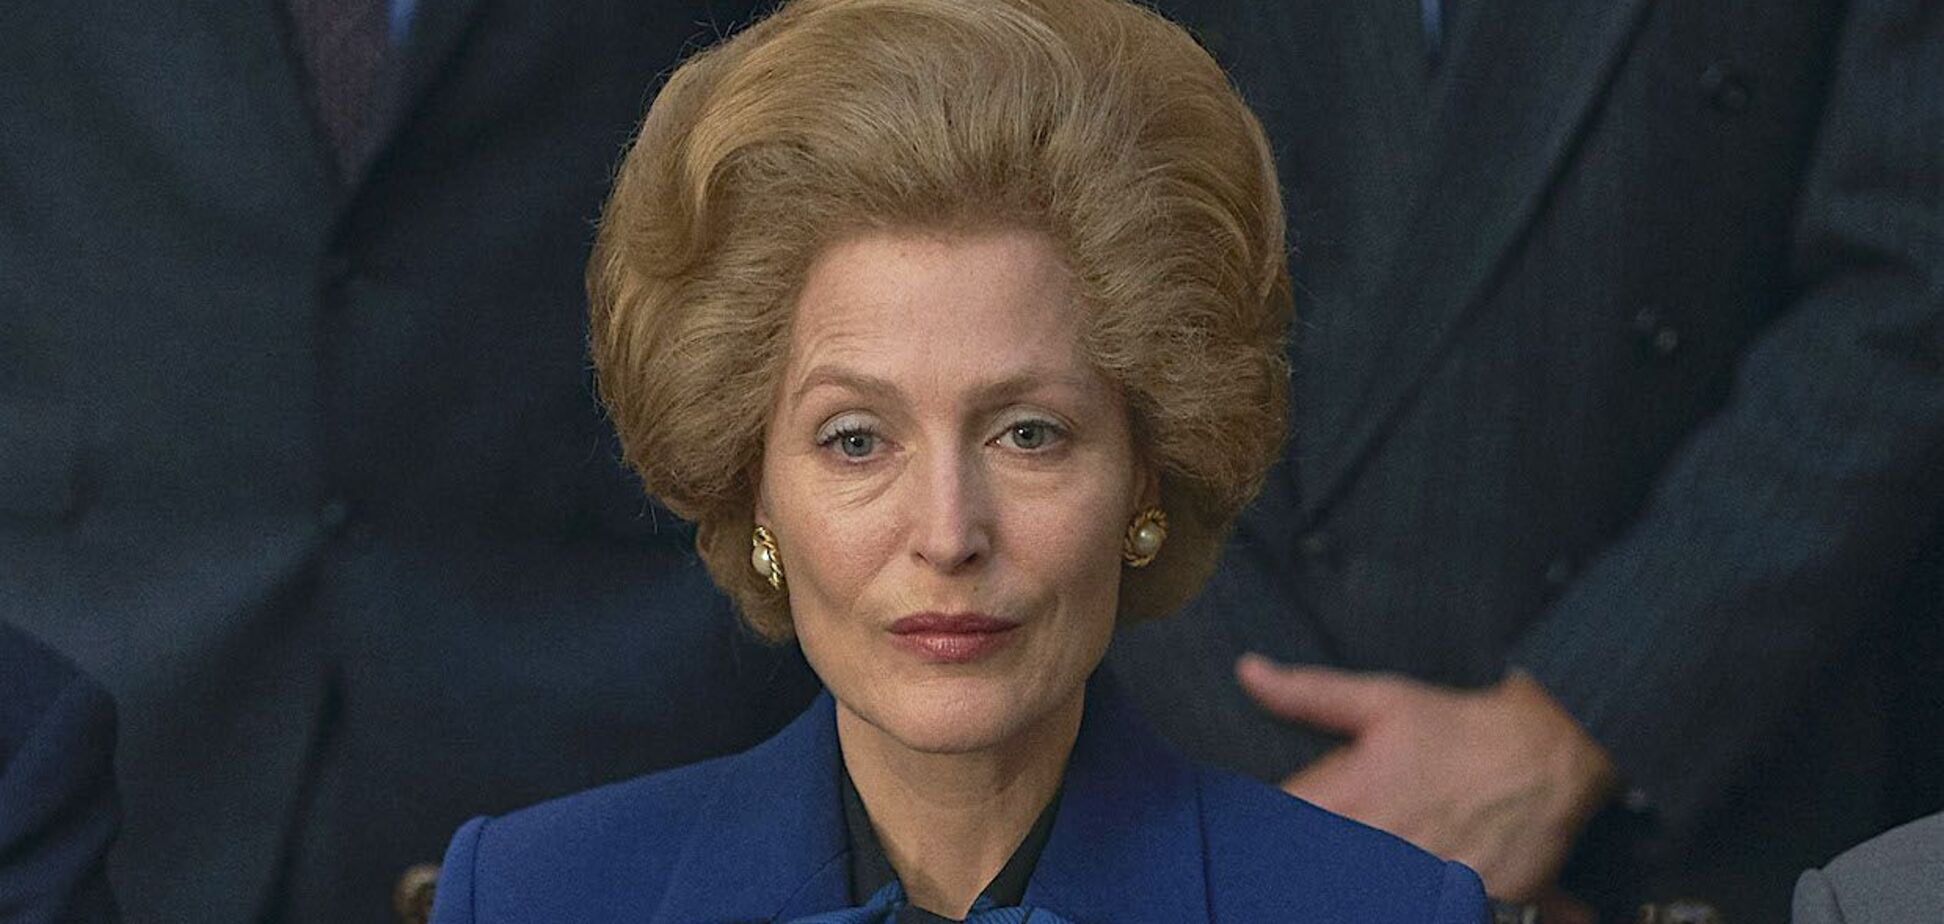 Джилліан Андерсон в образі Маргарет Тетчер з серіалу 'Корона'